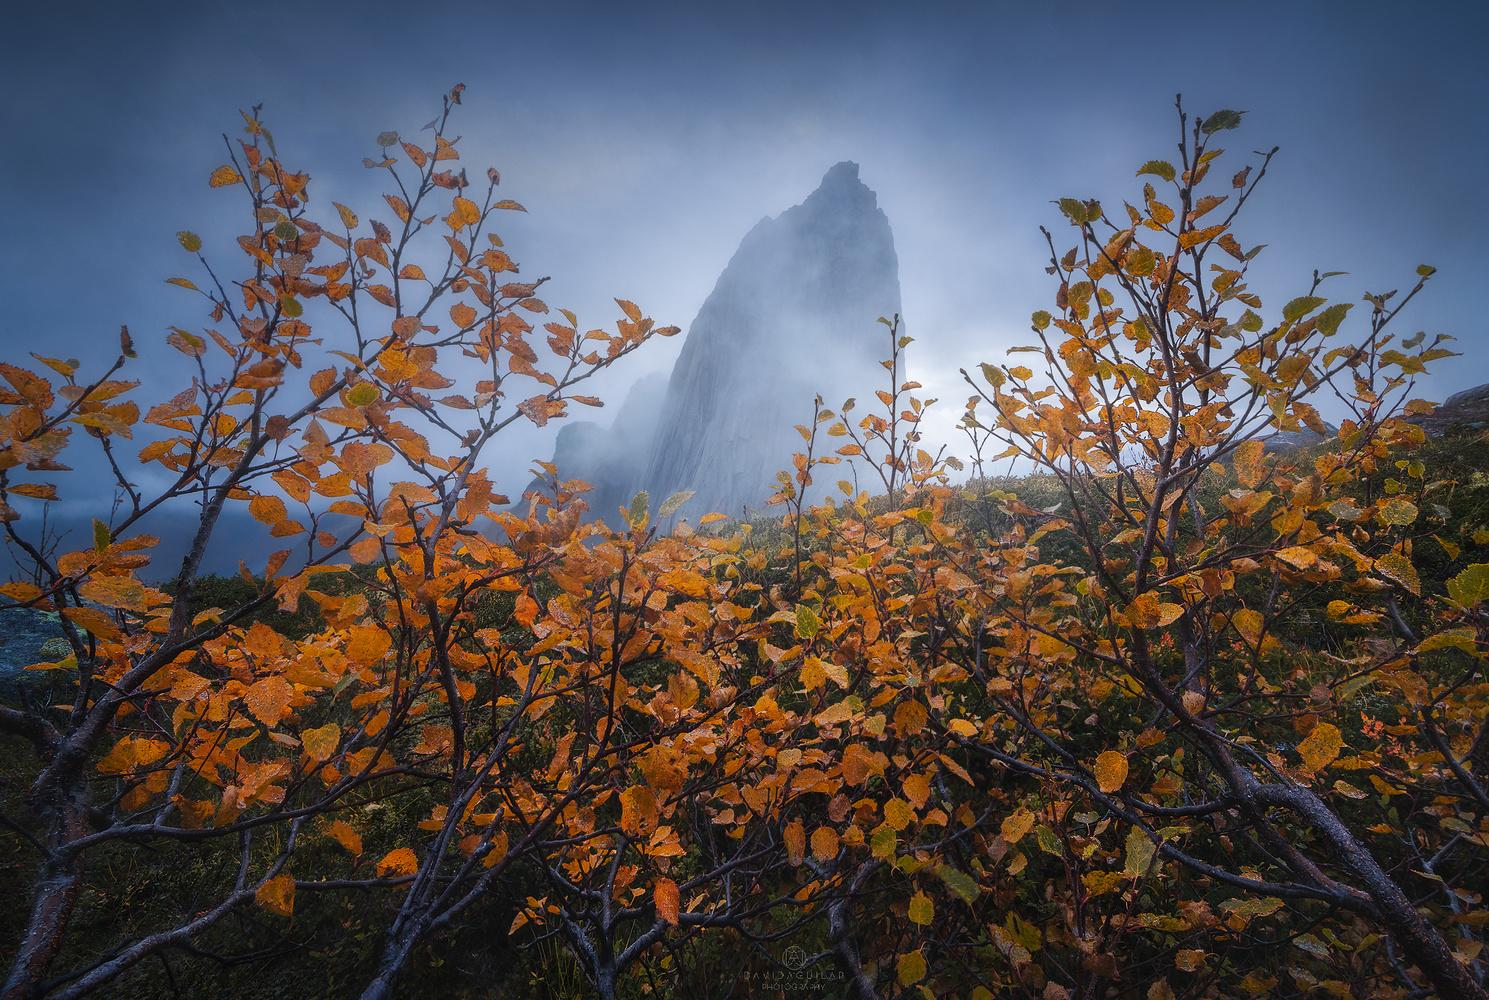 Misty Segla by David Aguilar